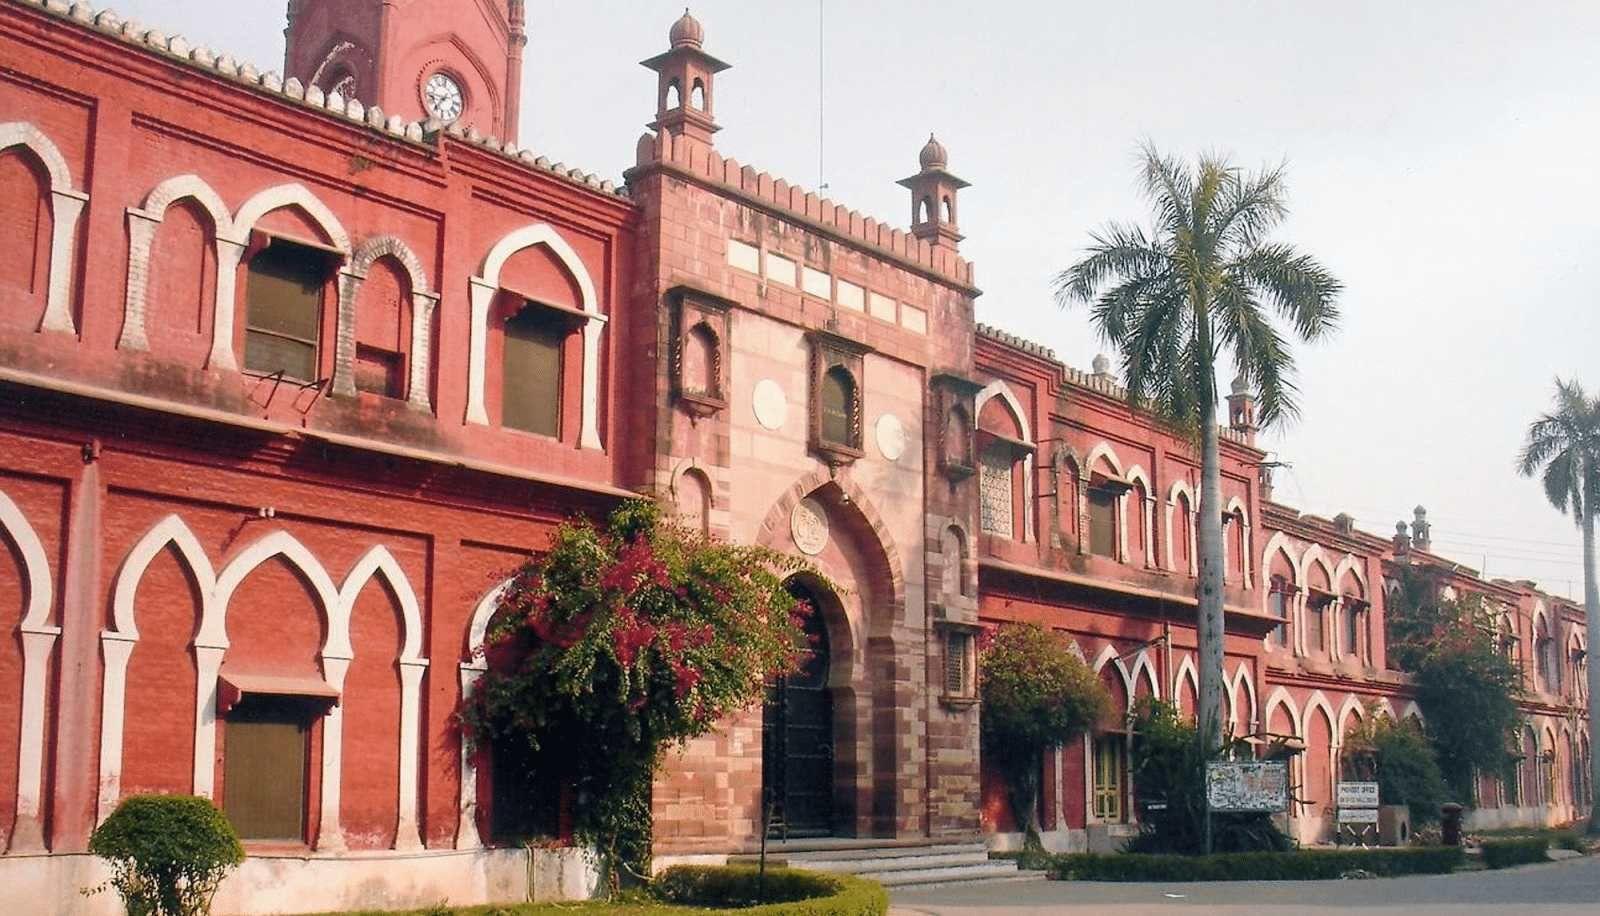 भारत के 5 श्रेष्ठ विश्वविद्यालयों में शामिल ए एम यू को बधाई : डा .रक्षपाल सिंह चौहान